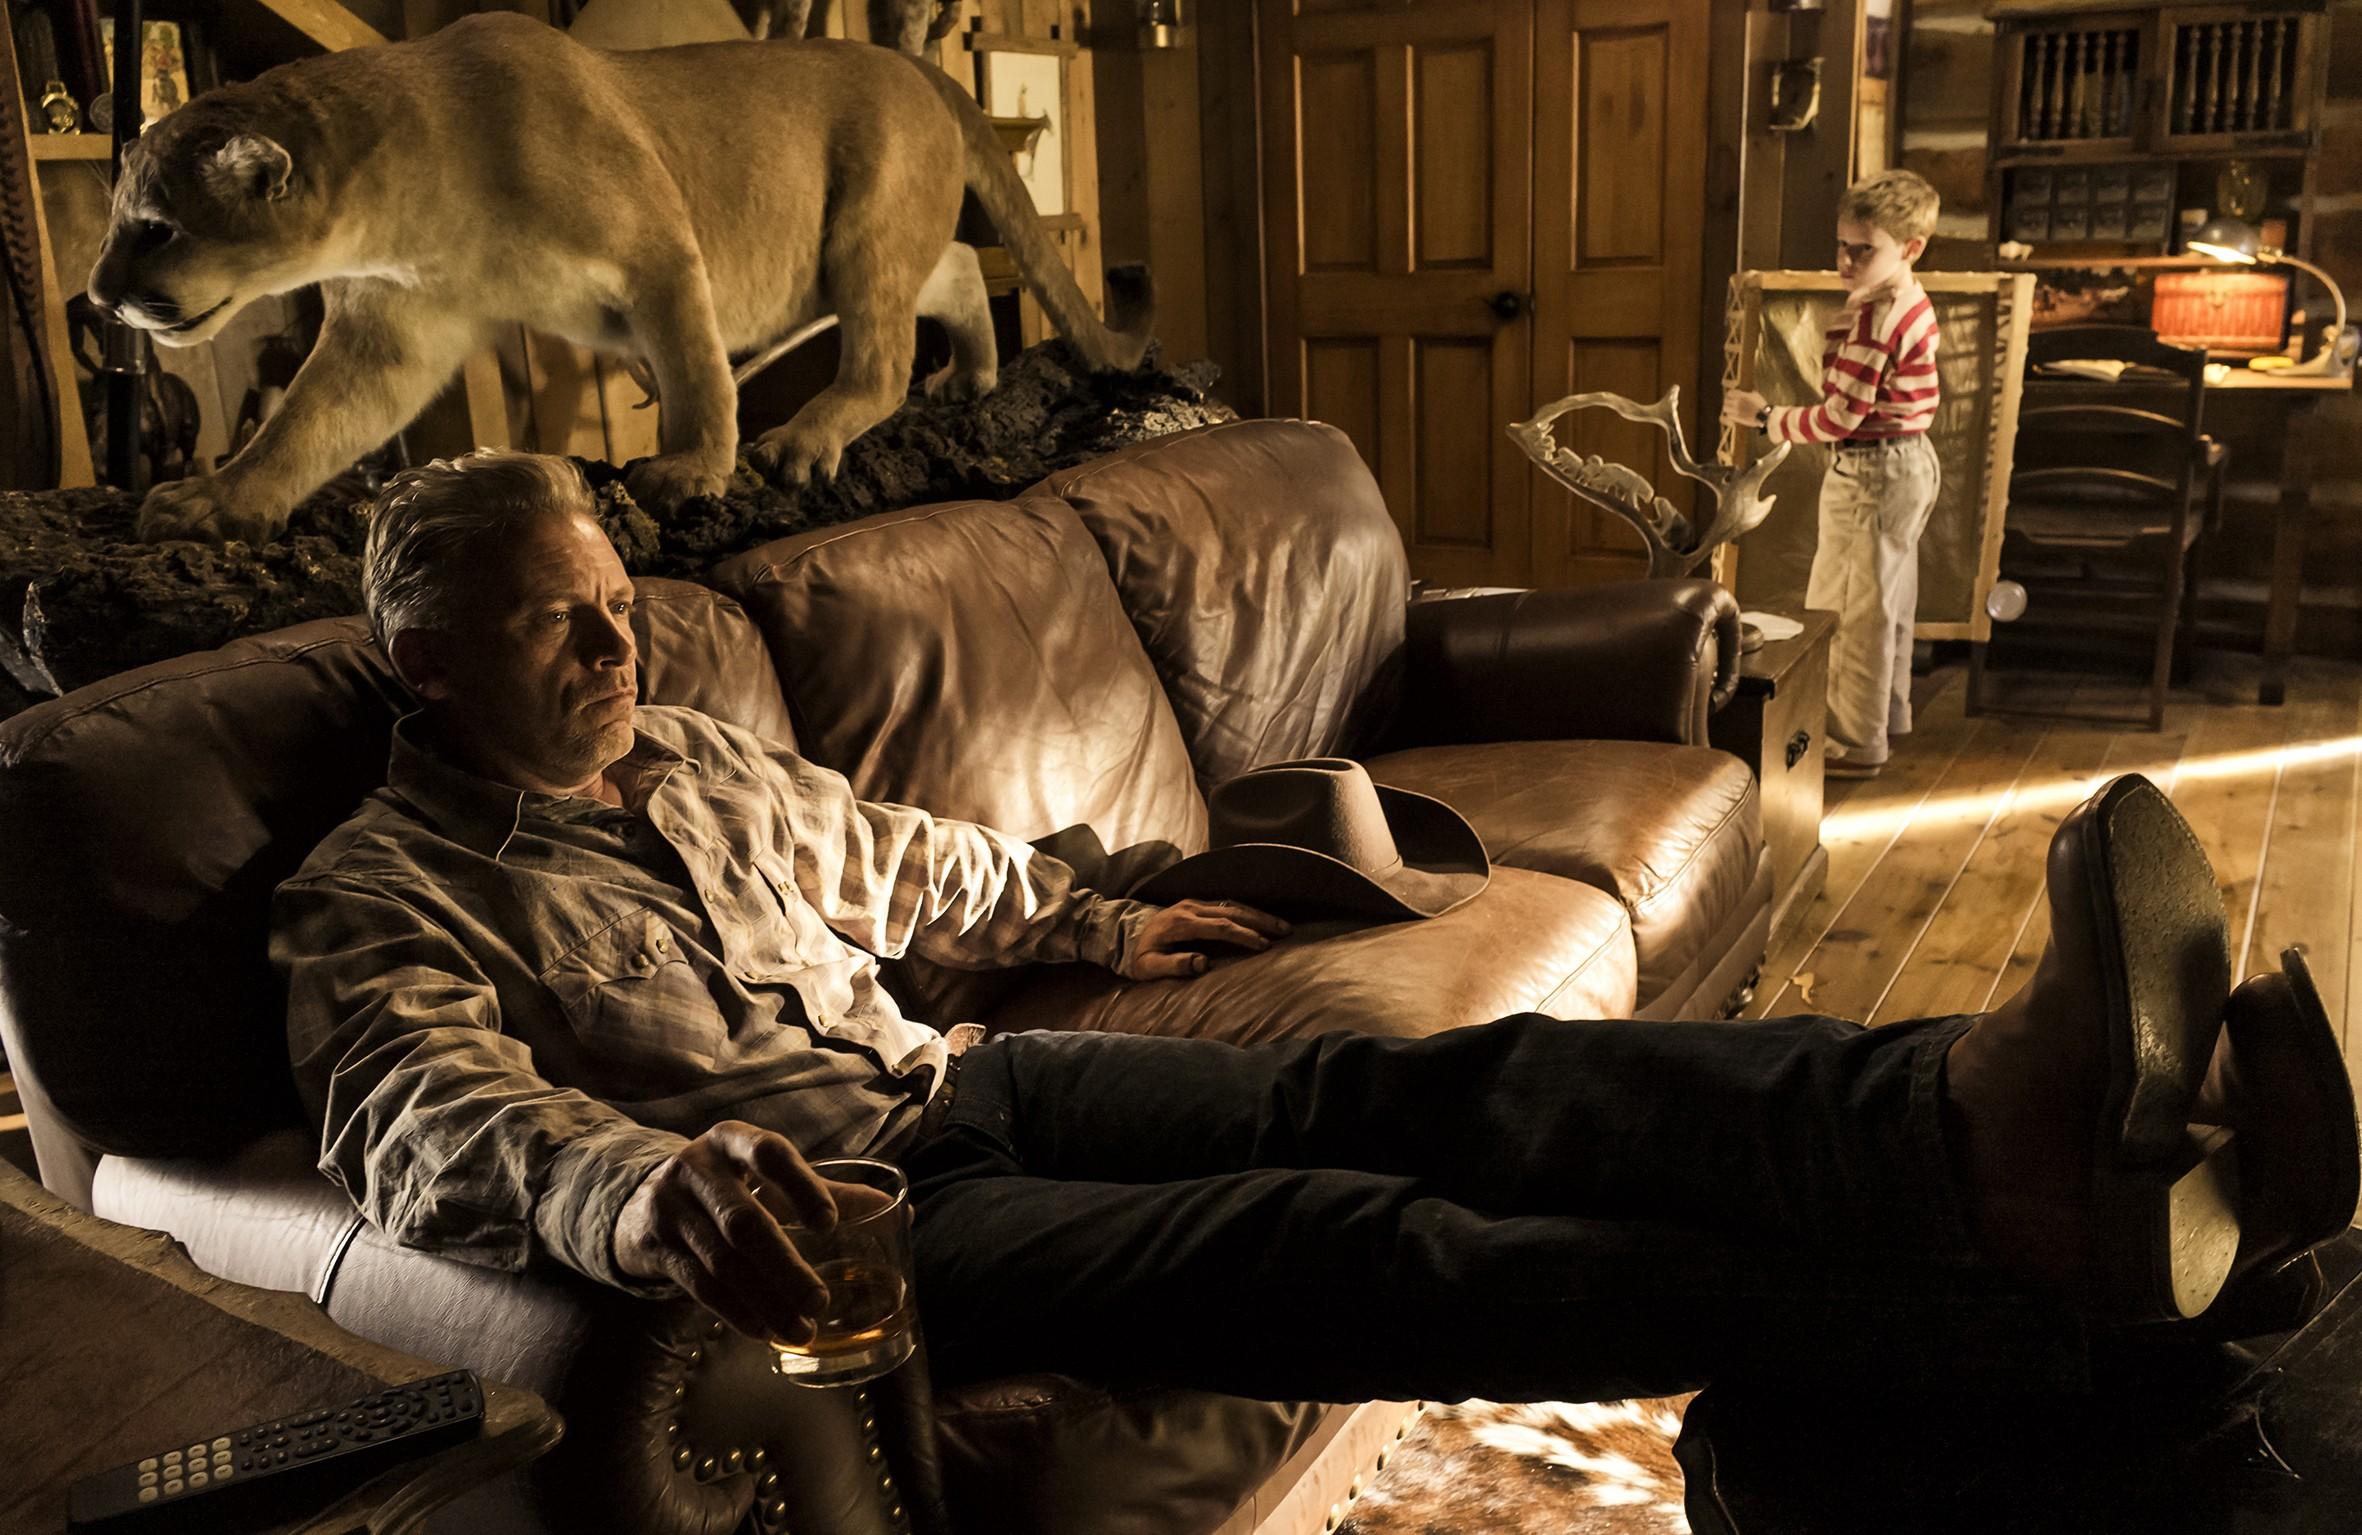 кадры из фильма Невероятное путешествие мистера Спивета Кэллам Кит Ренни, Кайл Кэтлетт,